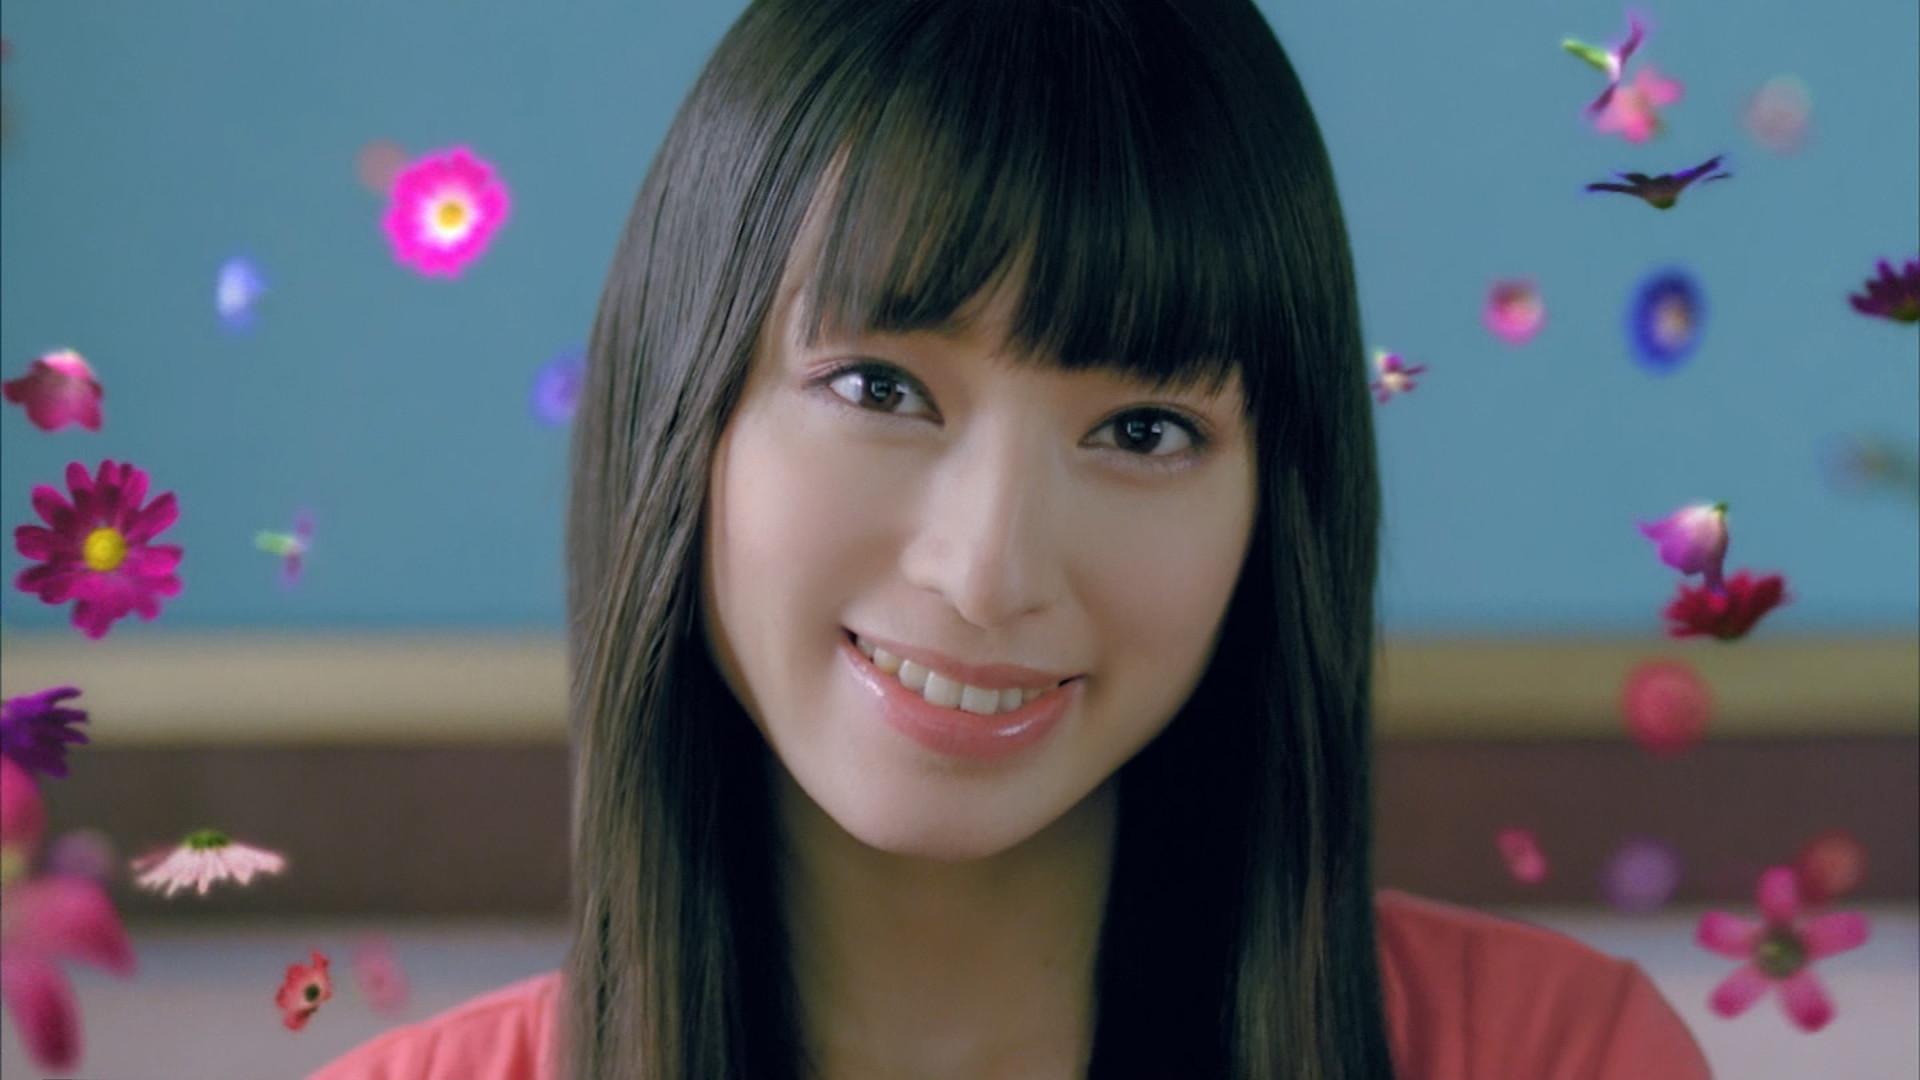 正統派美人女優・栗山千明さんは結婚してる?結婚してない?のサムネイル画像